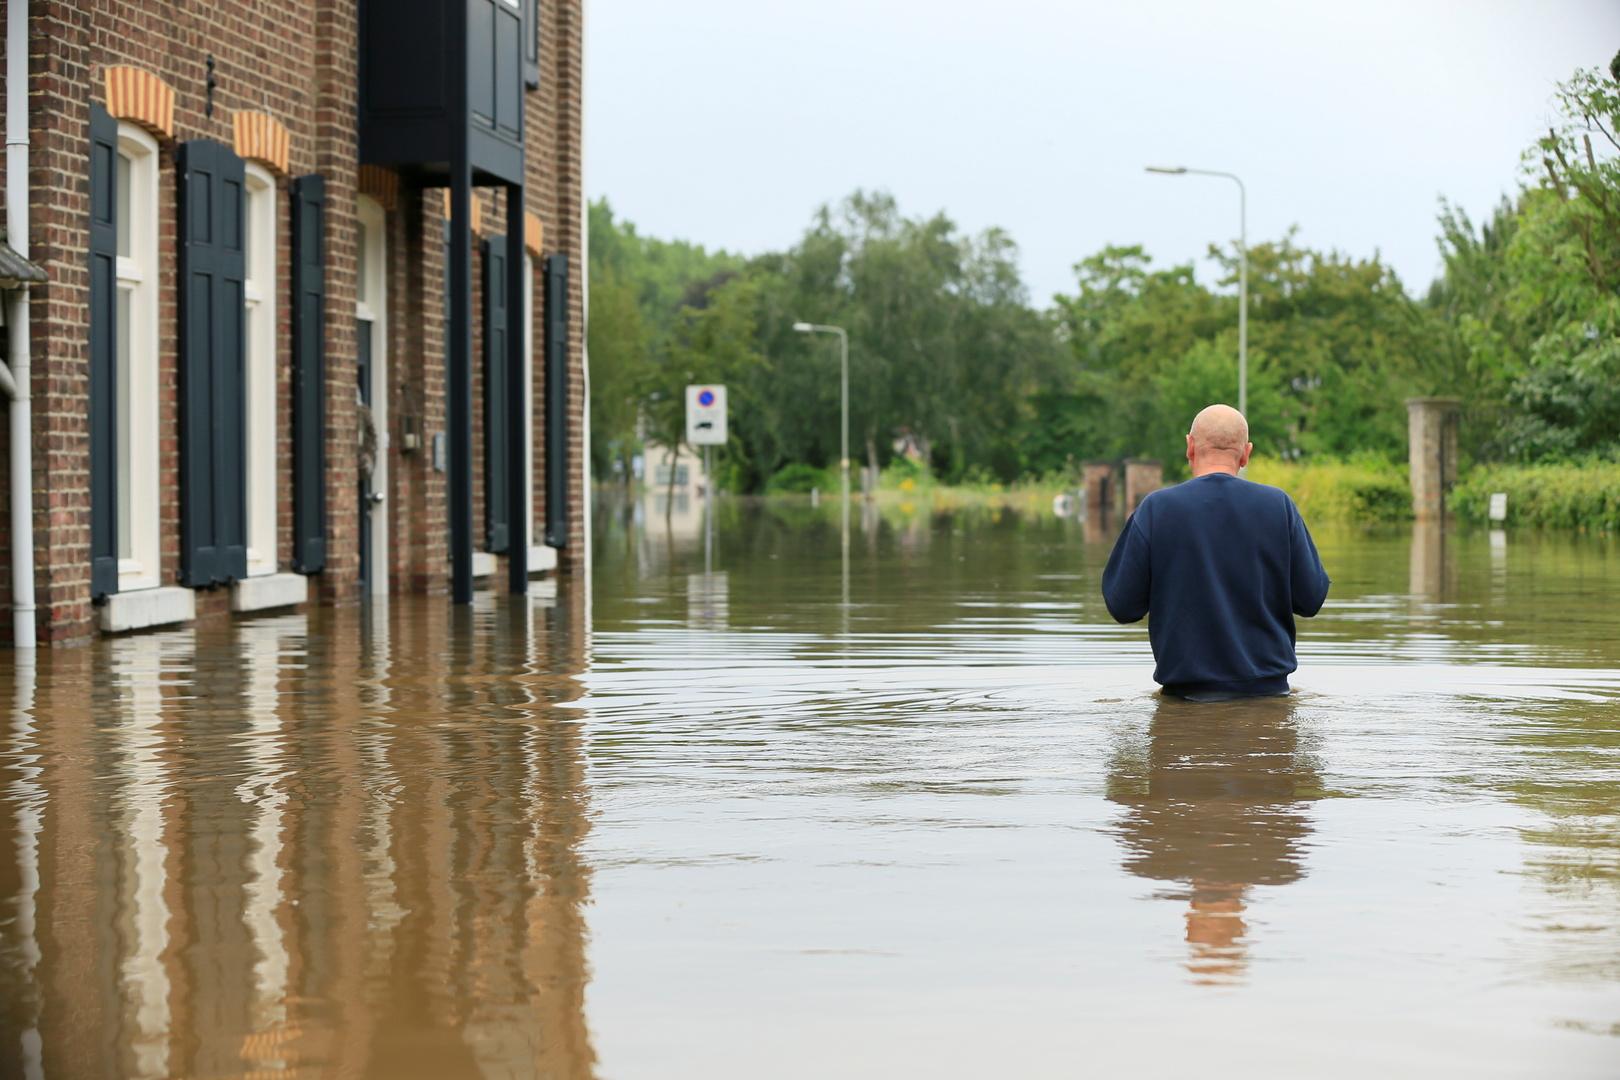 الآلاف يفرون من منازلهم في هولندا بسبب الفيضانات